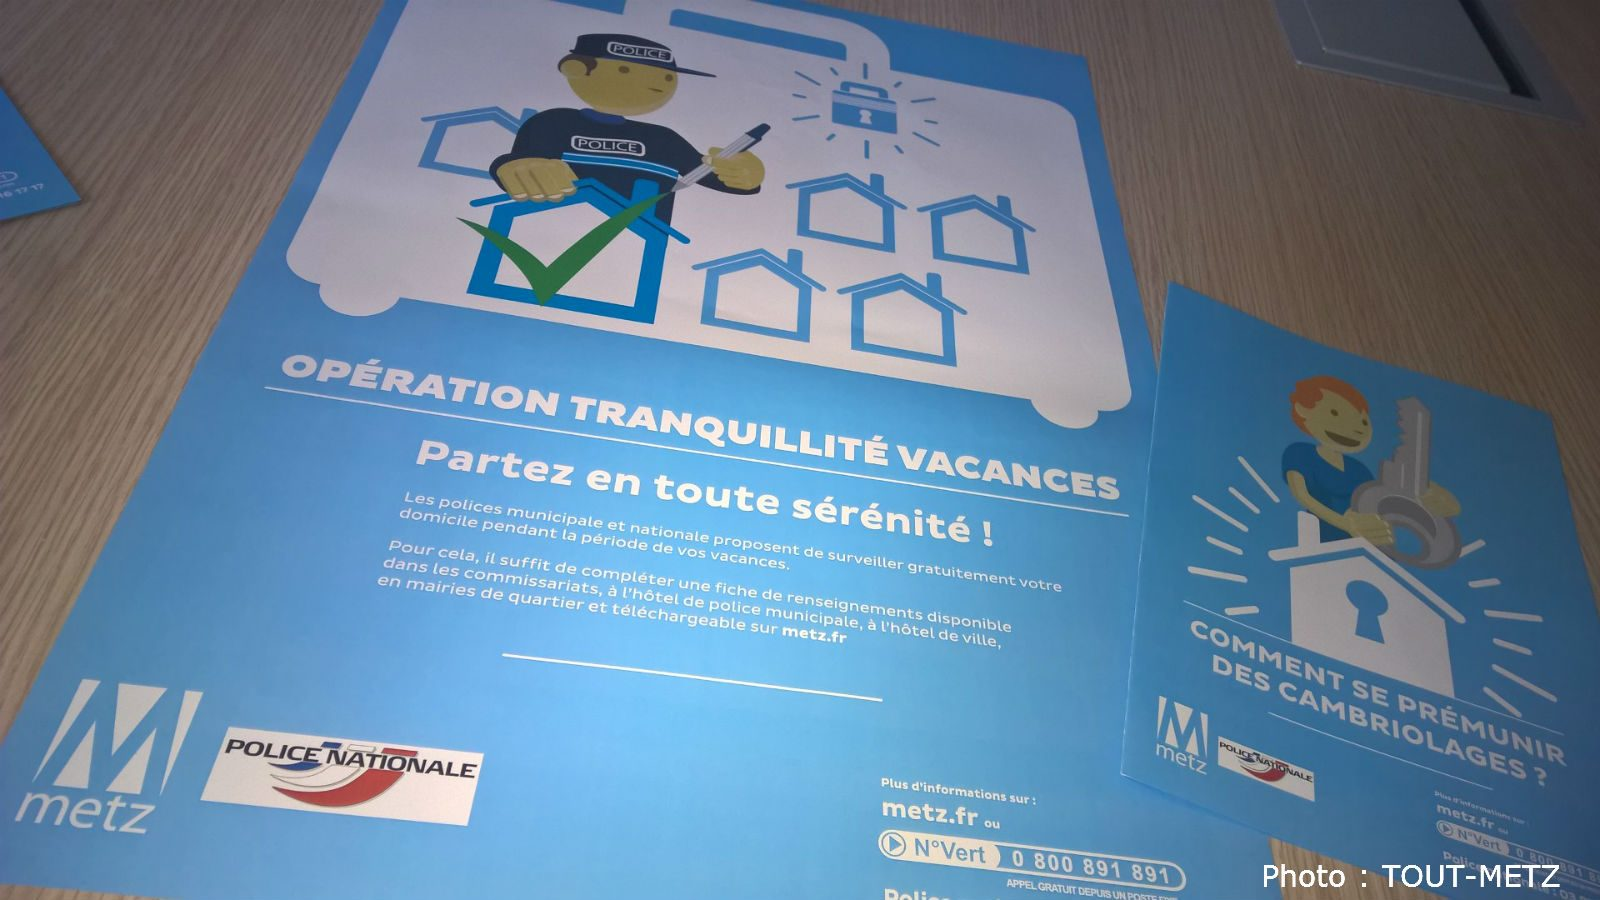 Photo de Cambriolages à Metz : faites surveiller votre logement pendant vos vacances